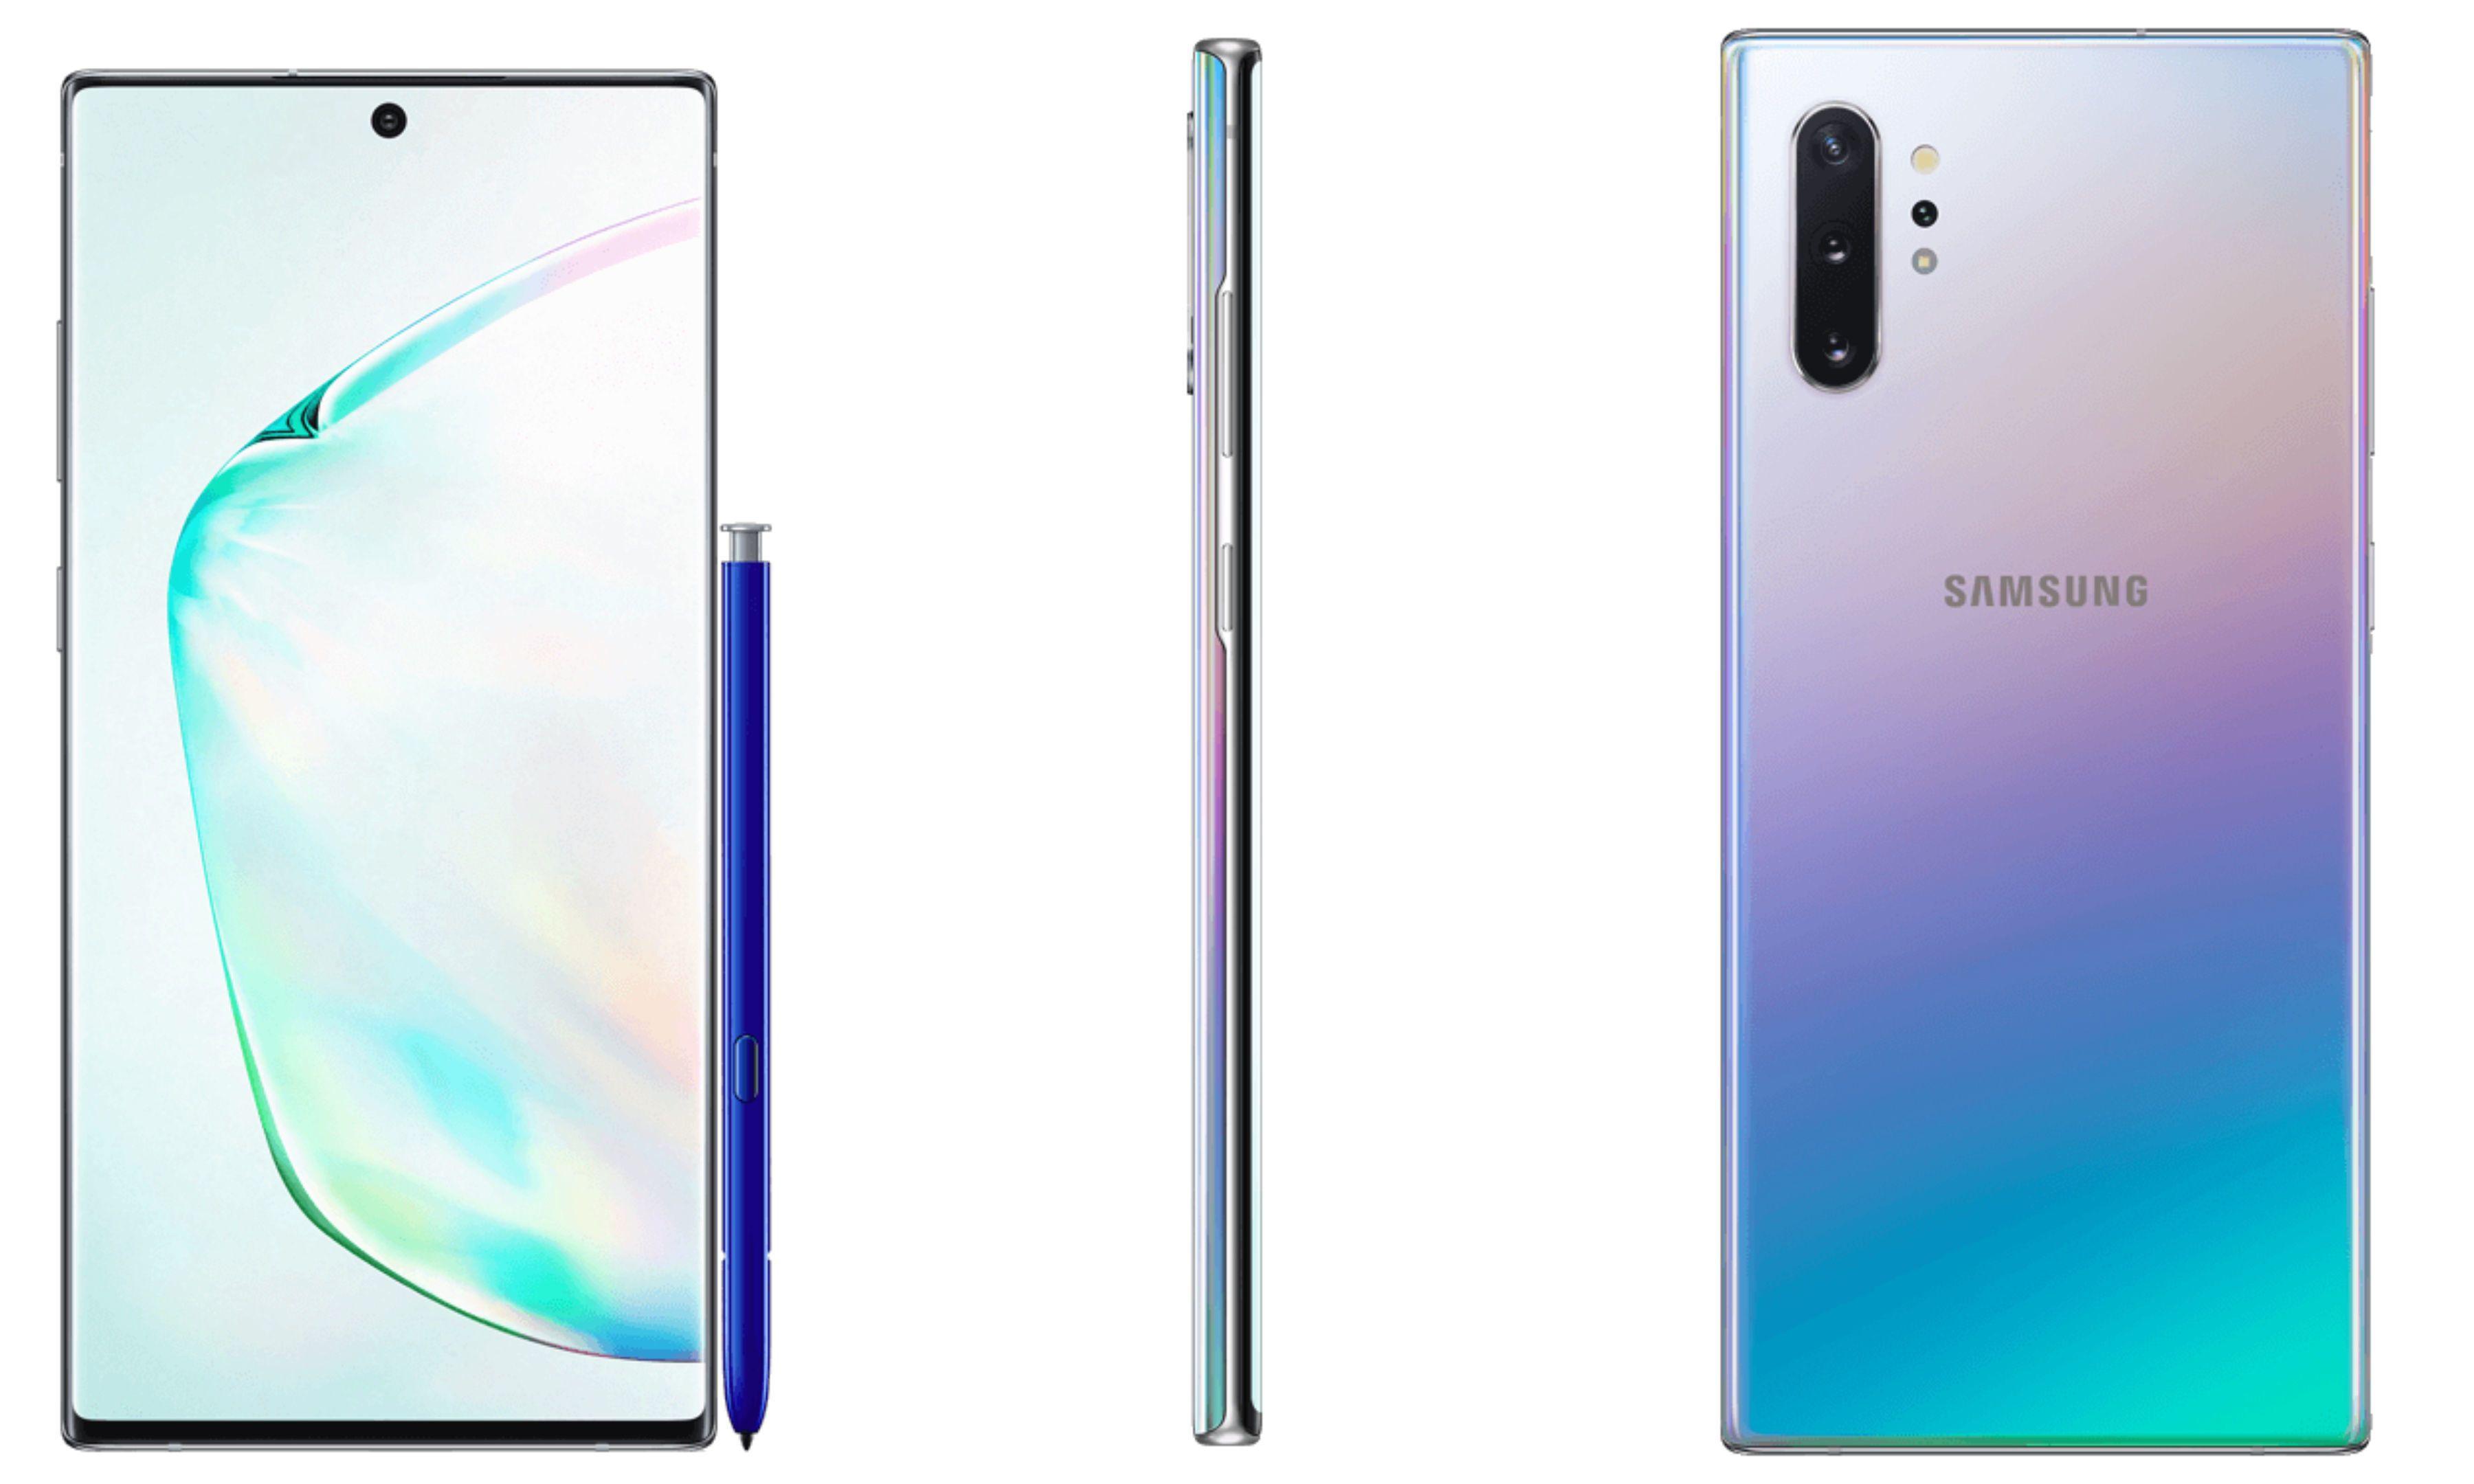 Galaxy Note 10 i hele sin høyde. En ting som taler for at dette kanskje ikke er Samsungs egne bilder av telefonen er at forsiden og baksiden har ulik høyde. Her pleier PR-bildene å være svært presise og symmetriske. Men det kan også hende at noen bare har klippet sammen bildene uten å legge så stor vekt på akkurat det.